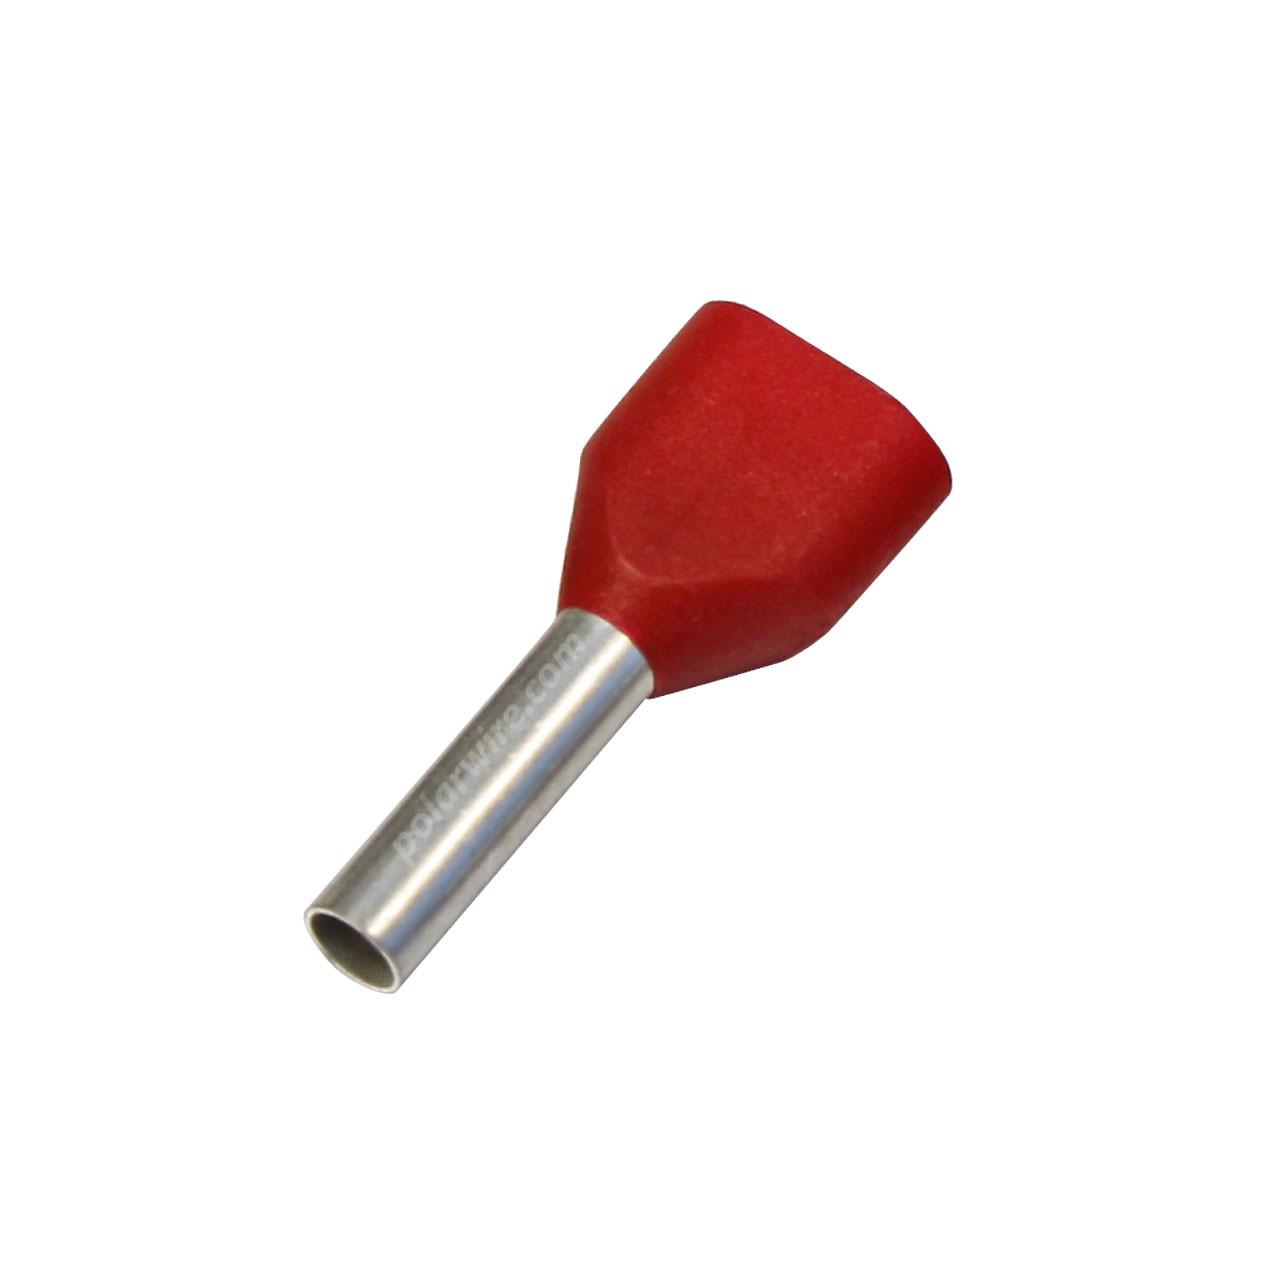 TWIN WIRE FERRULE 2X18GA RED  2X1.00MM